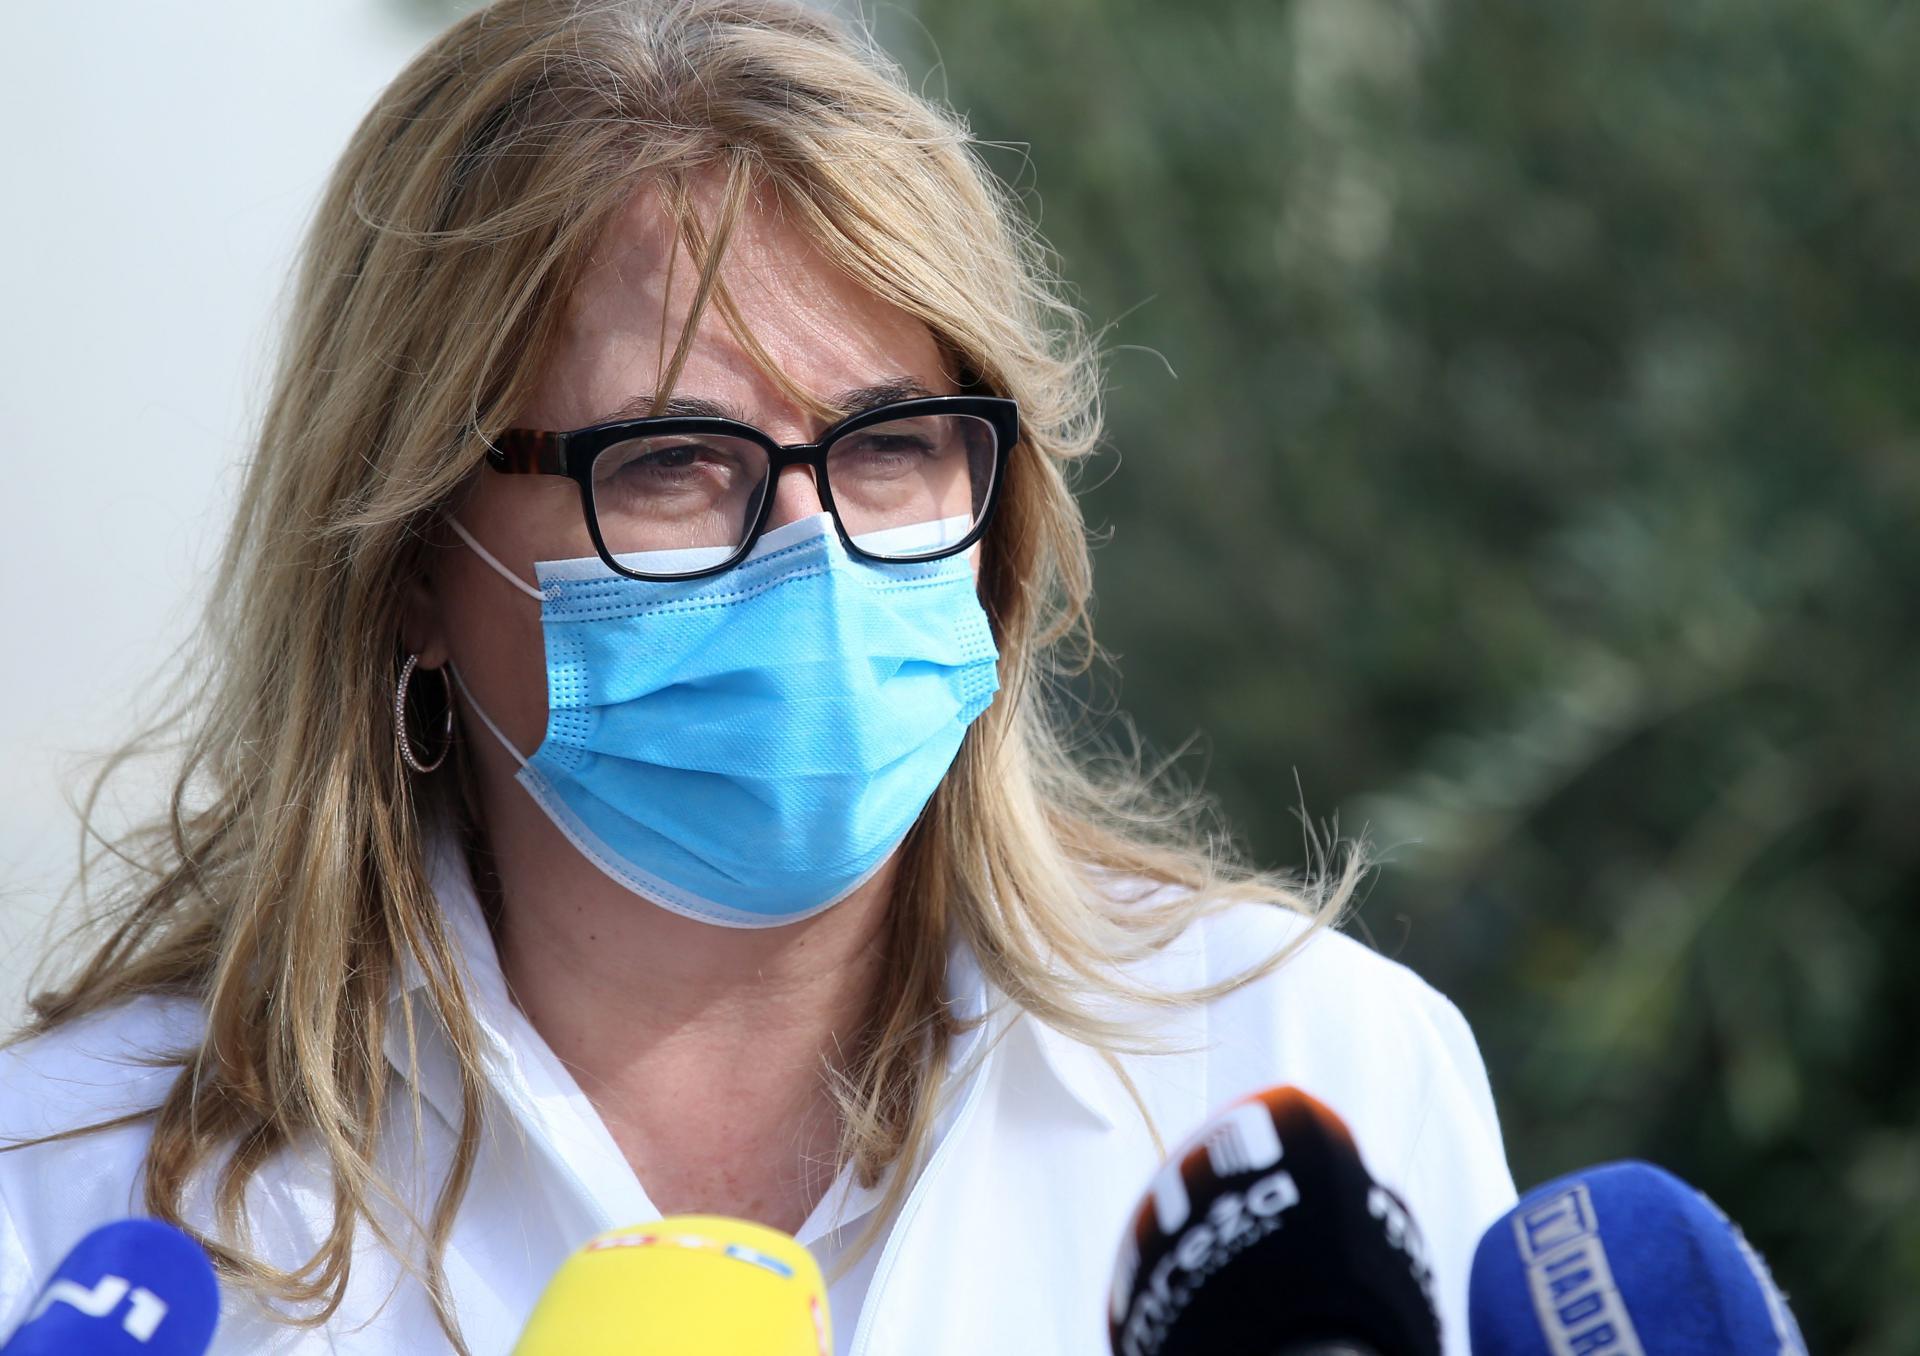 Željka Karin: Situacija je zabrinjavajuća, brojke rastu... U pomoć nam u Split stižu mladi liječnici koji će raditi pod nadzorom